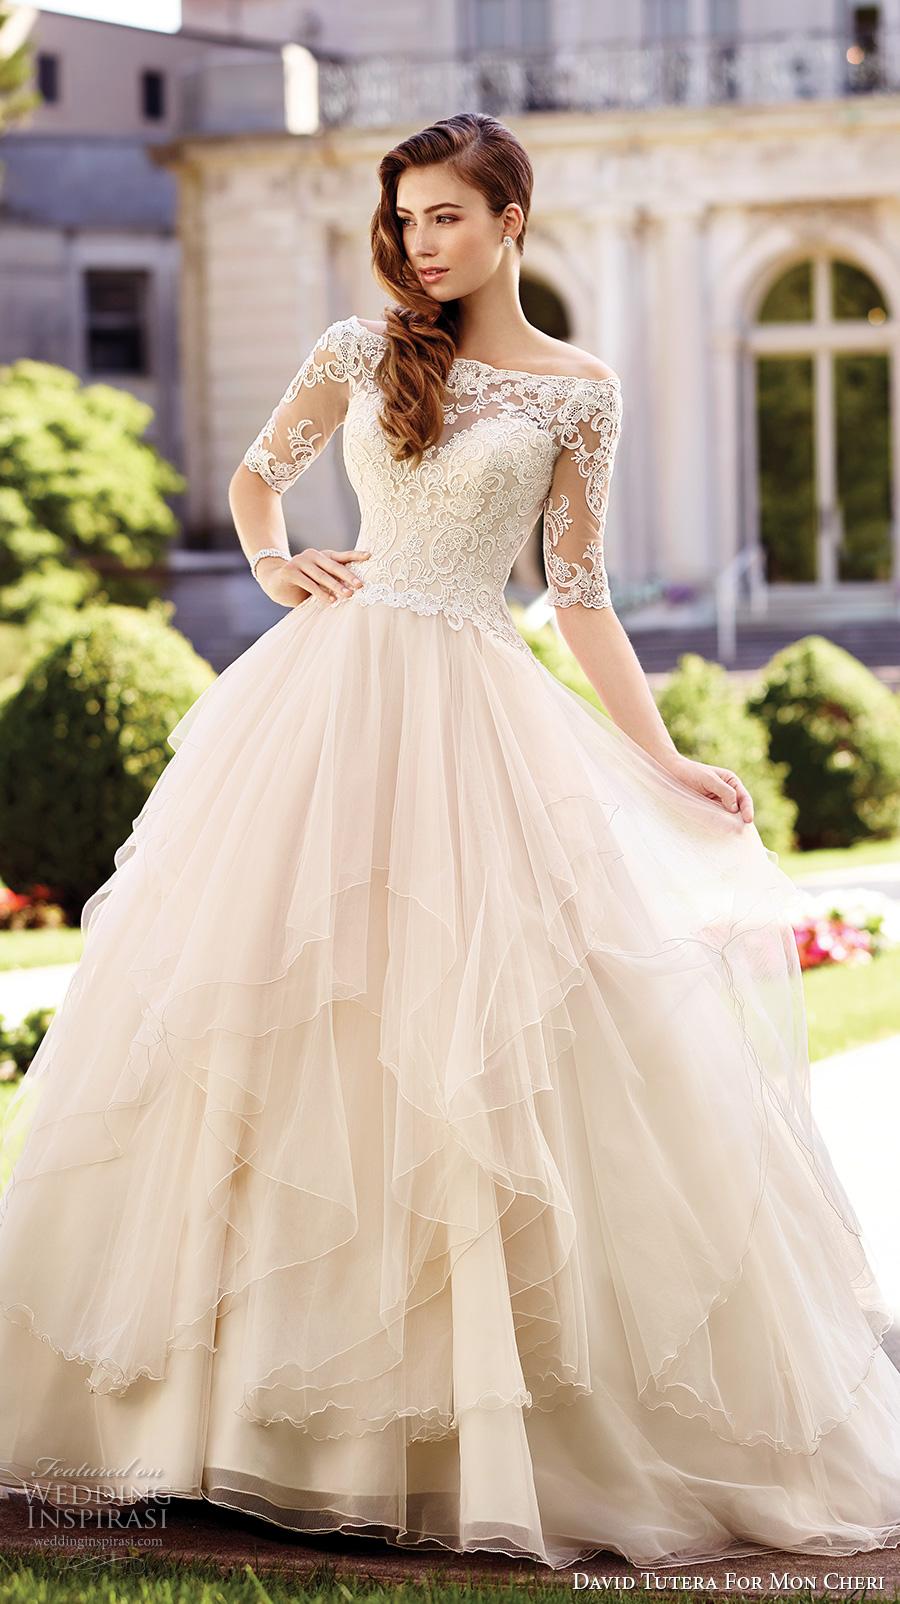 David tutera for mon cheri spring 2017 wedding dresses for Dresses for wedding guests spring 2017